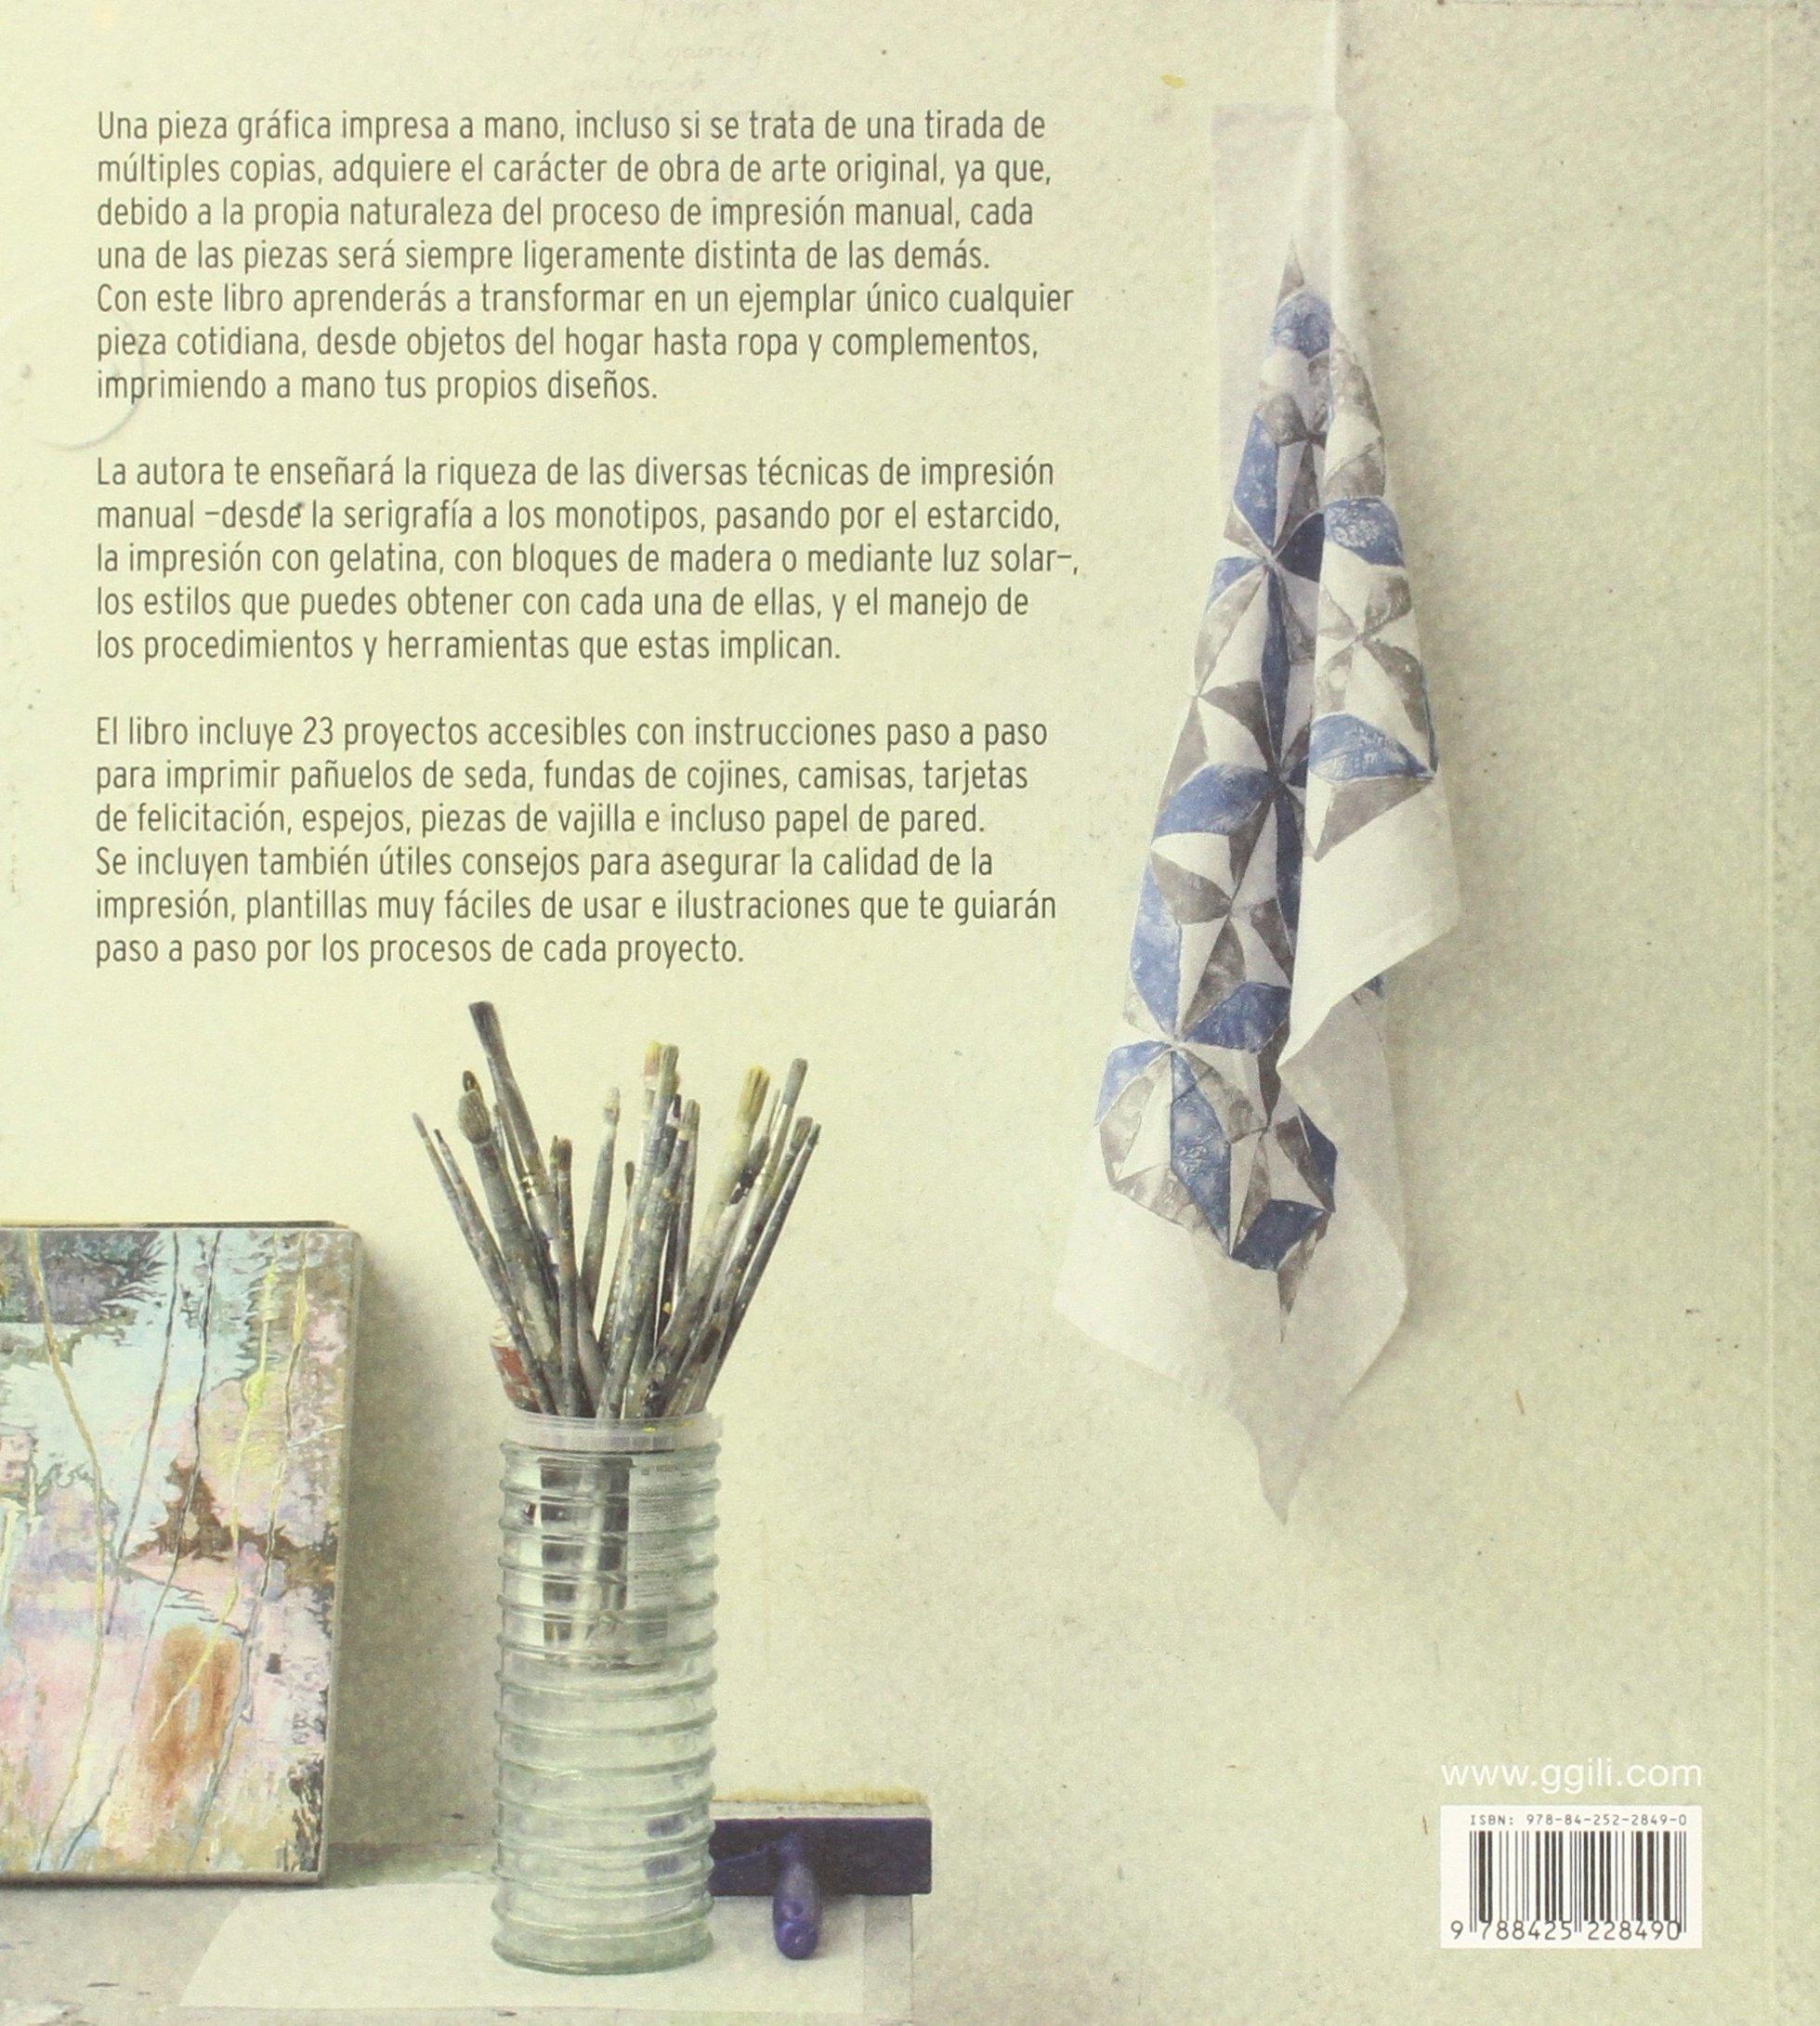 Taller de impresión manual: Técnicas, herramientas y ...